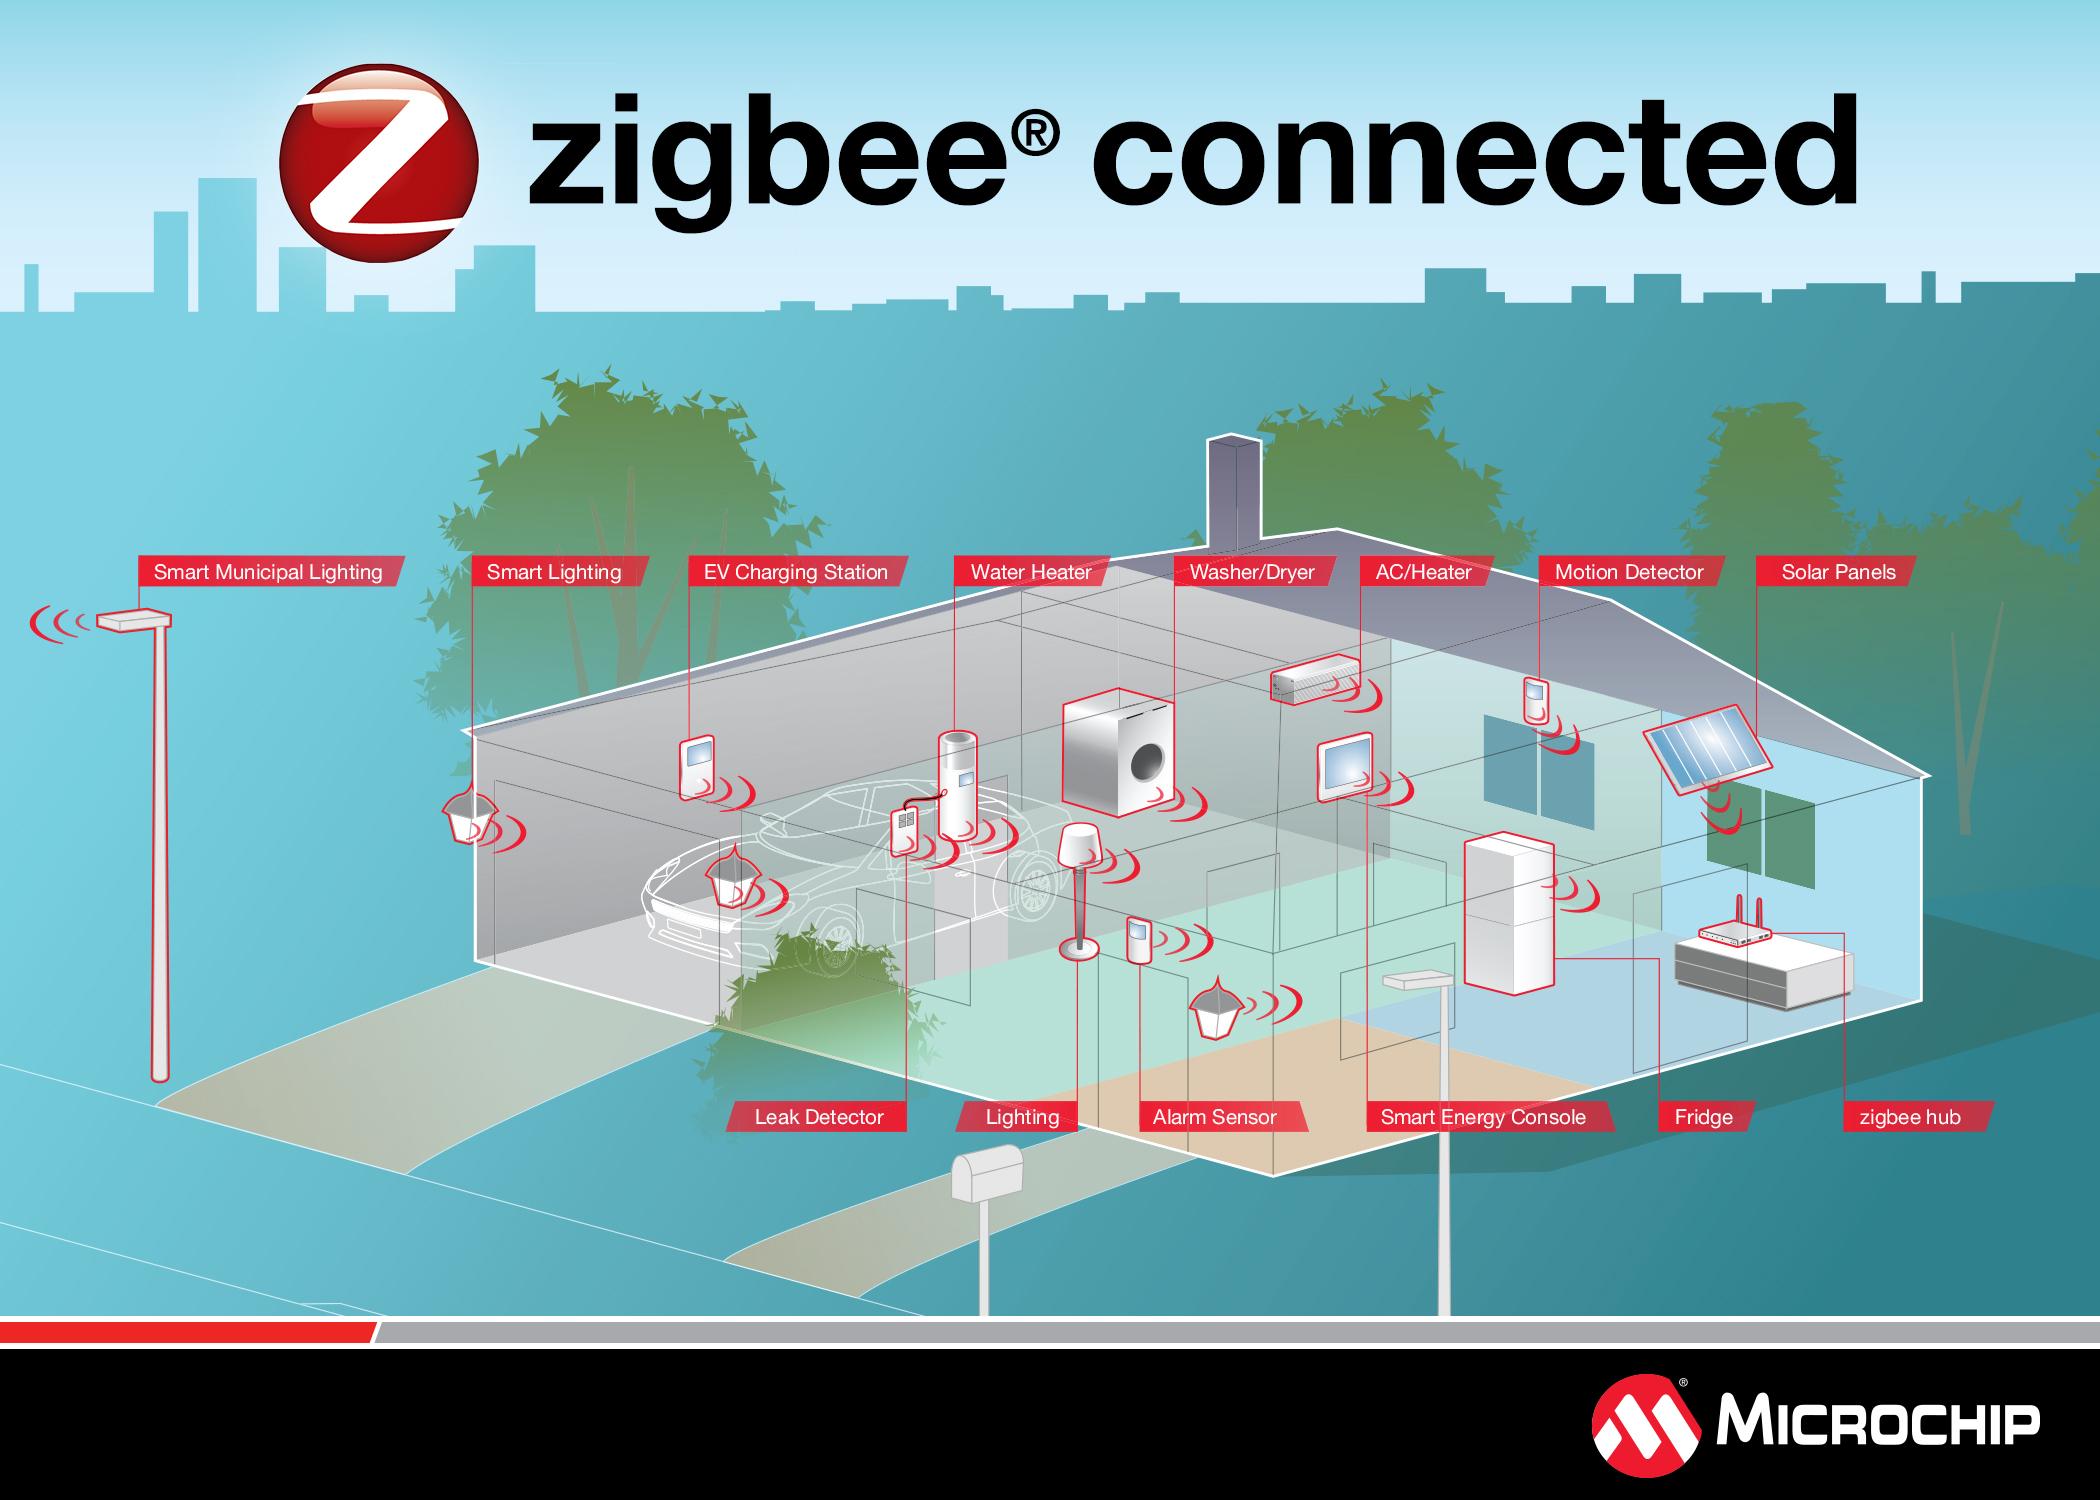 Zigbee connected